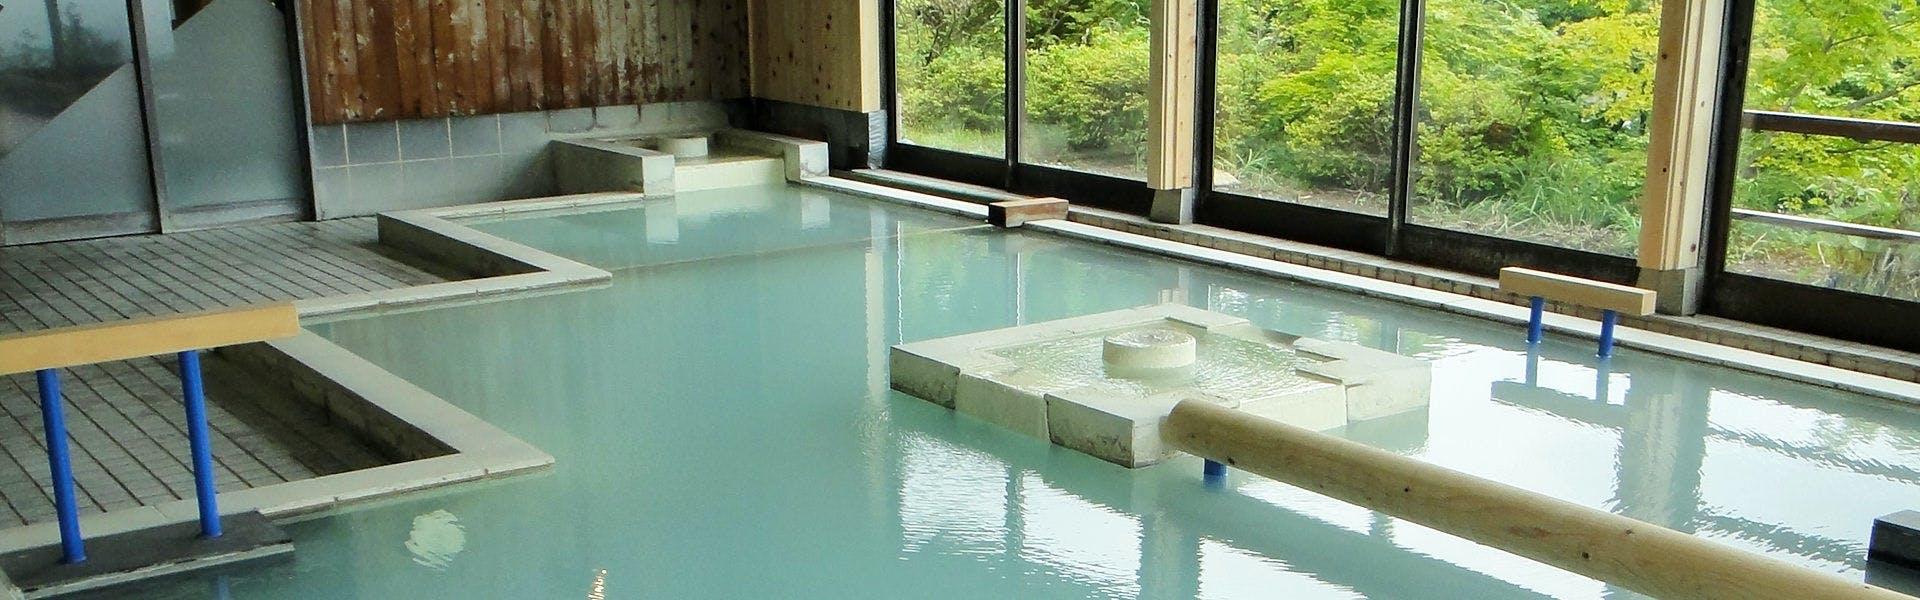 記念日におすすめのホテル・鹿の湯源泉かけ流しの宿 松川屋那須高原ホテルの写真1